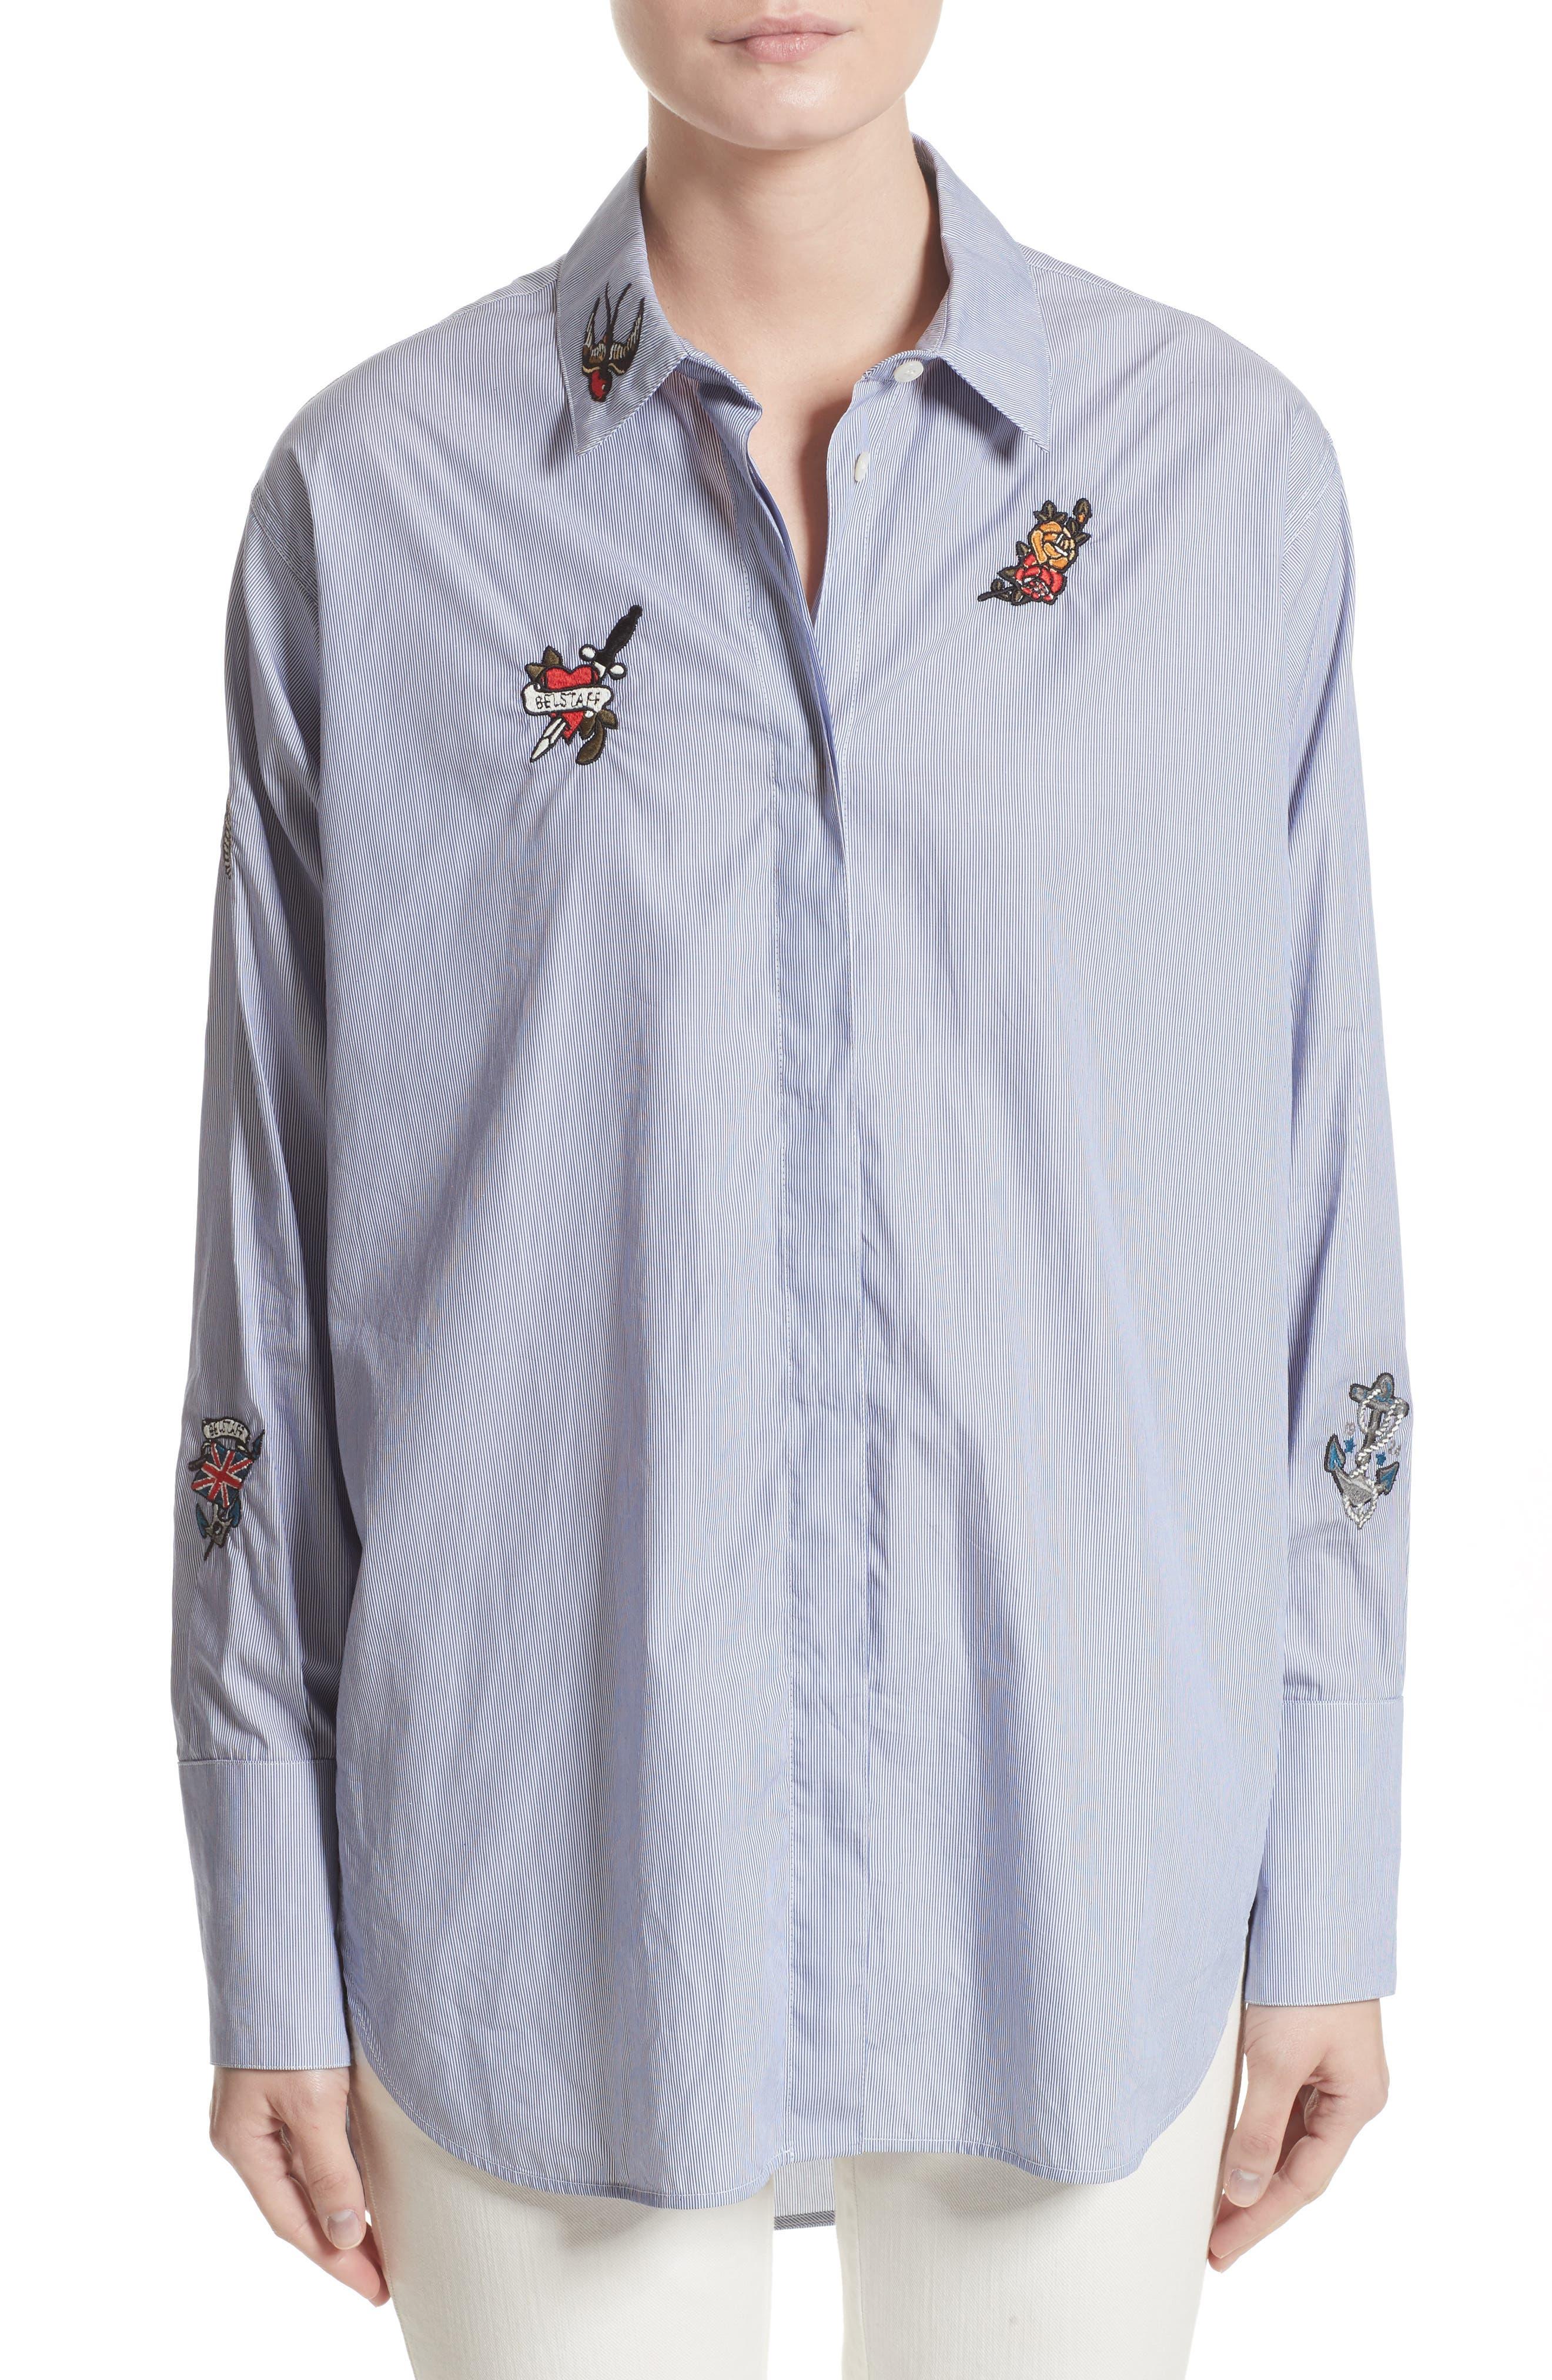 Belstaff Shauna Appliqué Cotton Shirt